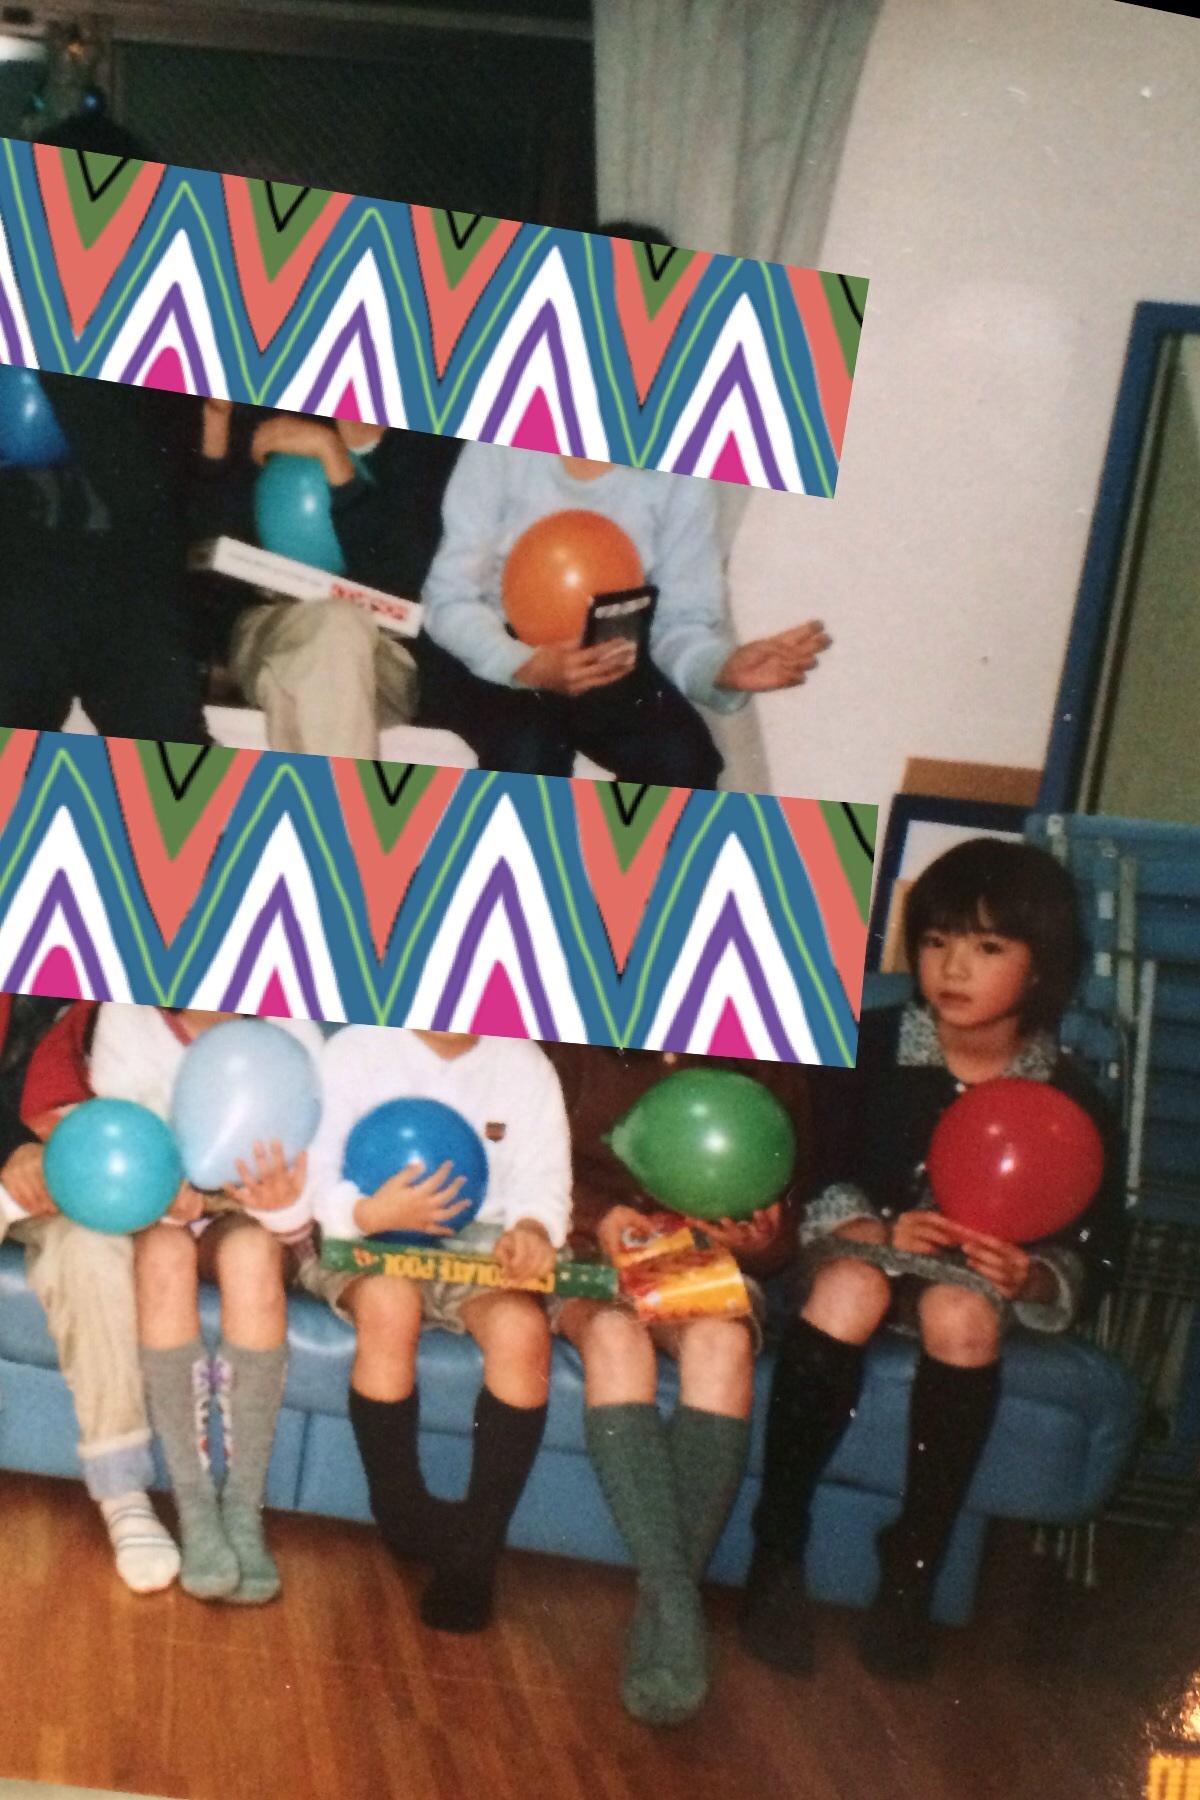 【画像あり】ミス慶應候補の茂手木葉奈さん(20)が人生初射● 1回で4発->画像>24枚